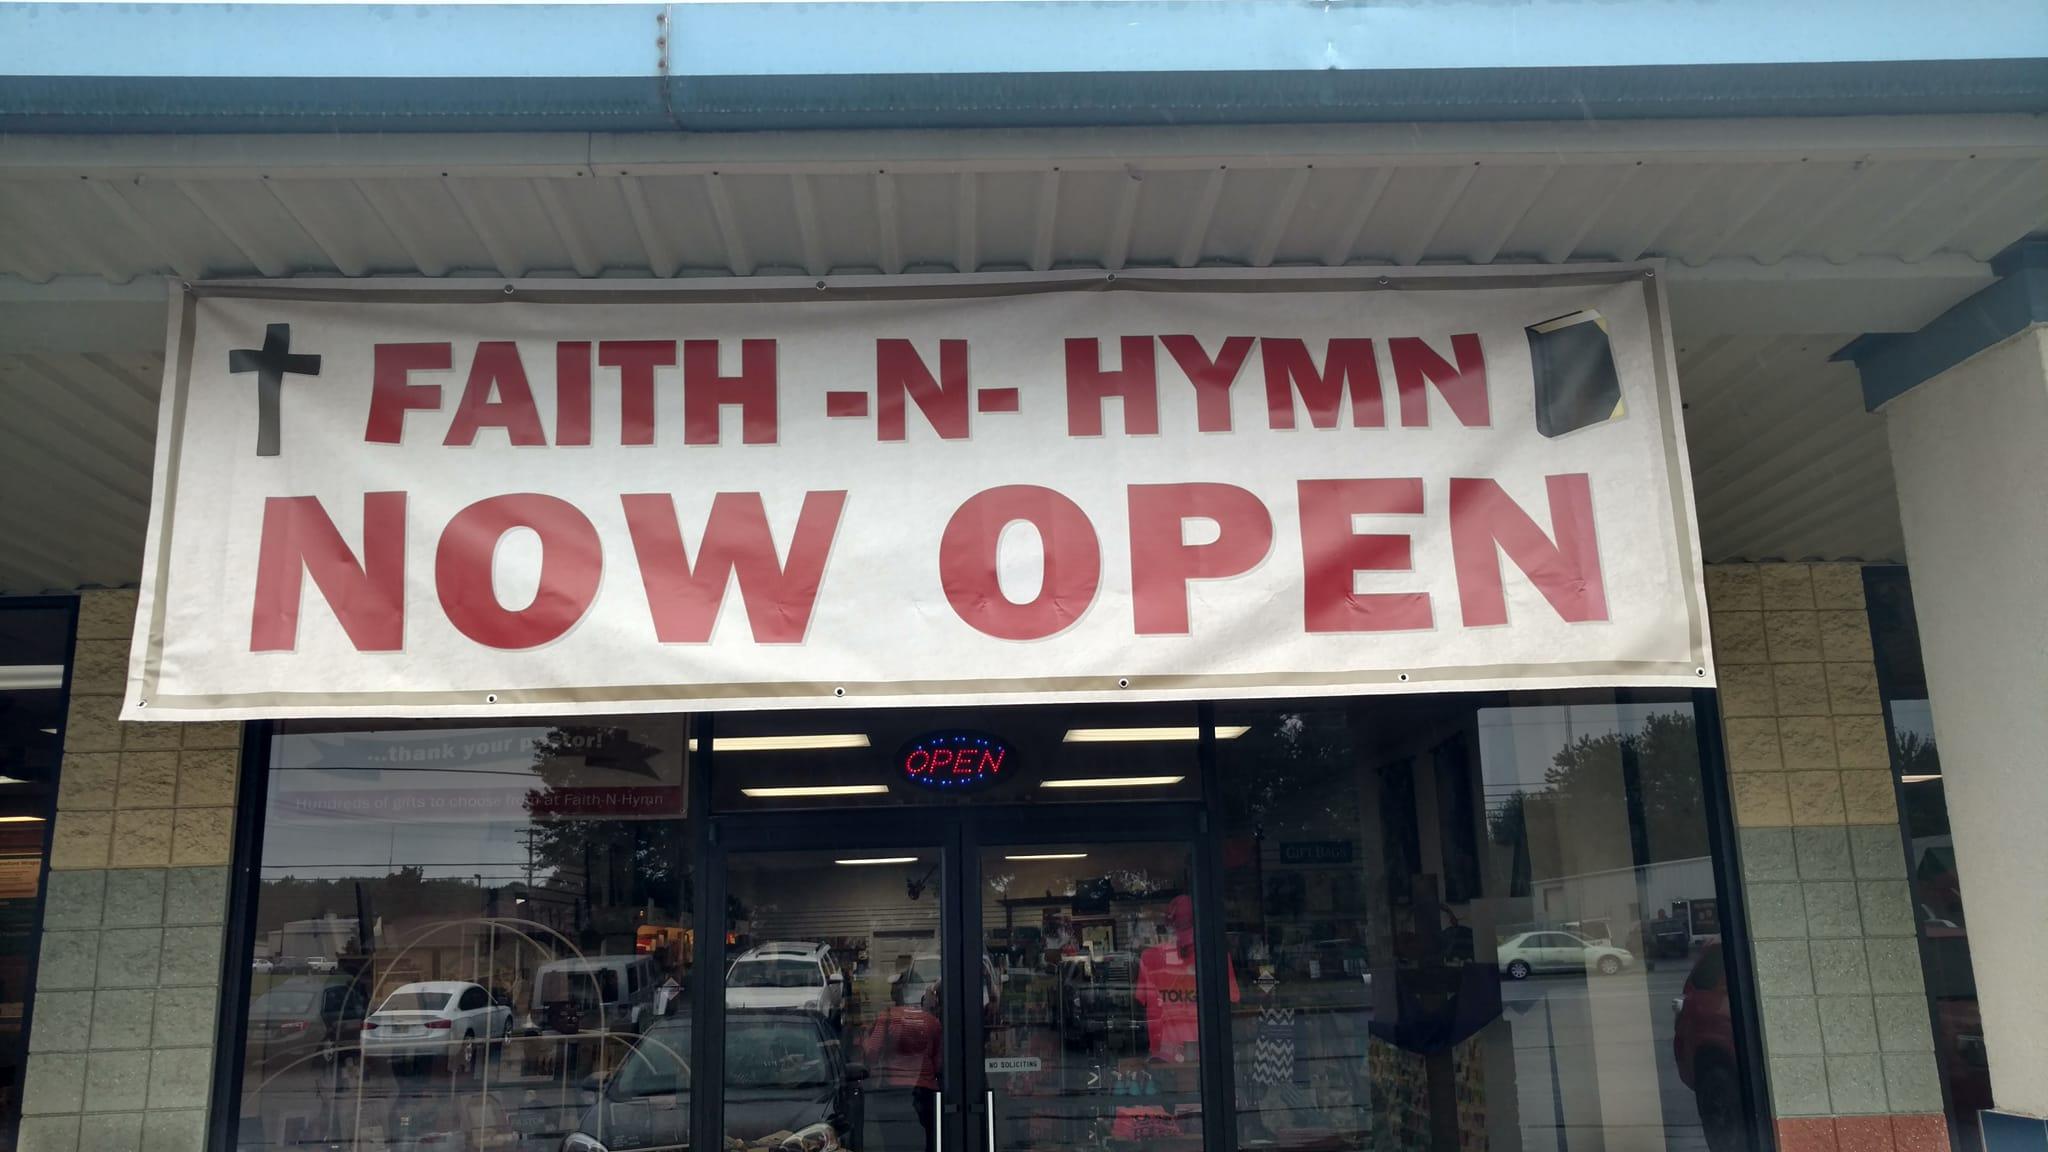 Faith-N-Hymn